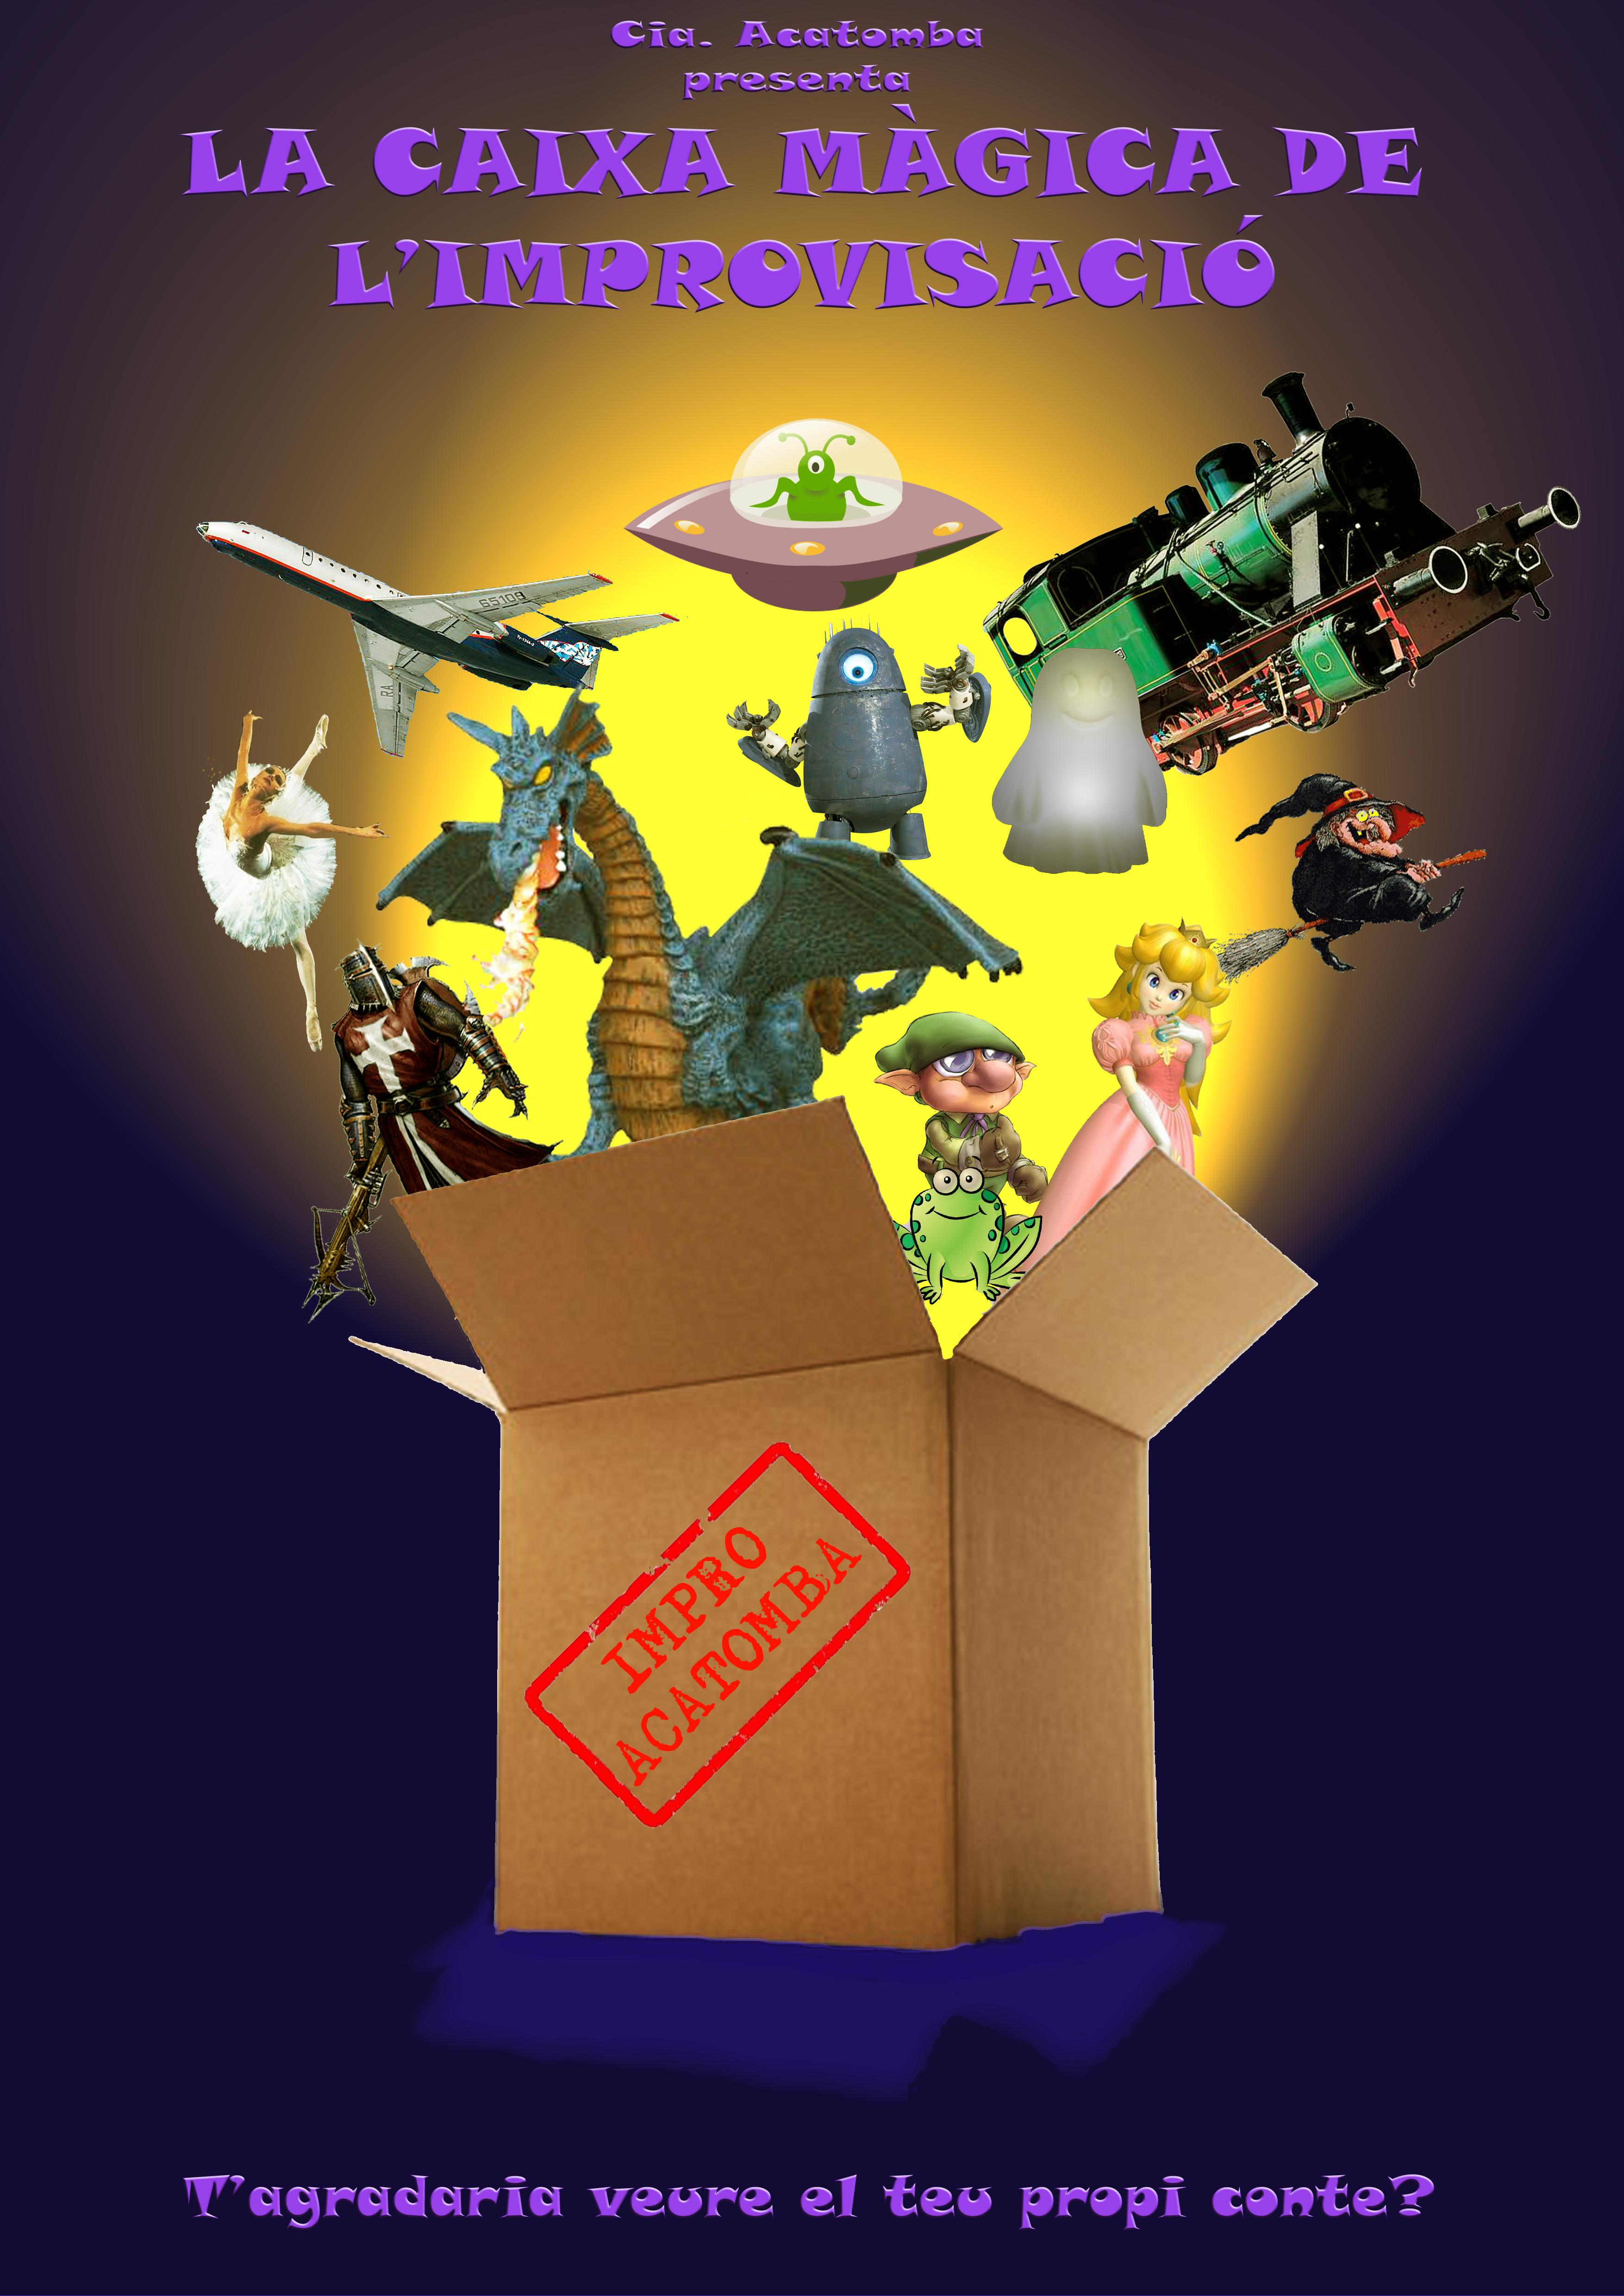 ACATOMBA - La caixa magica HD